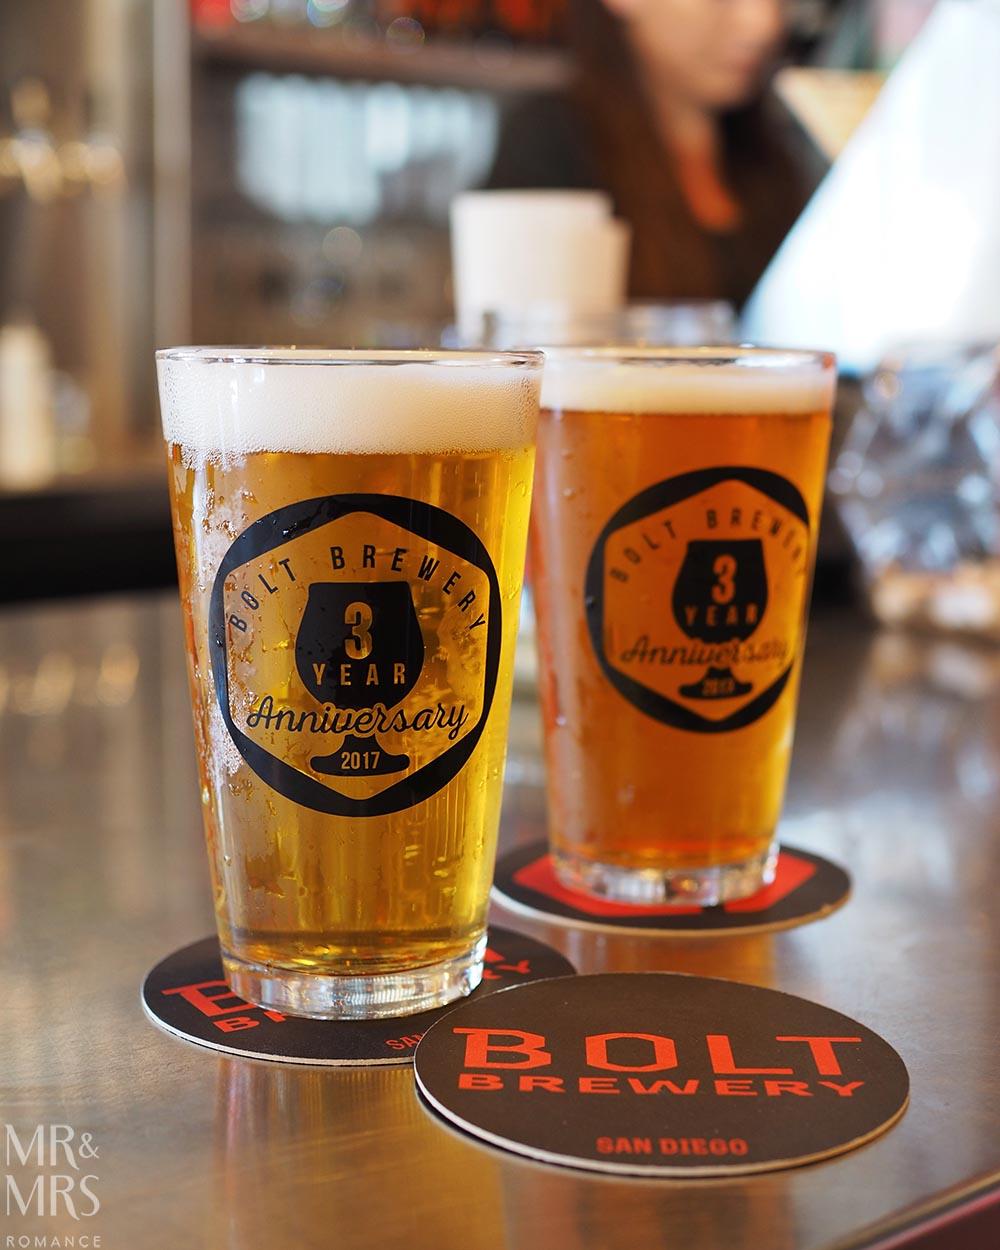 Bolt Brewery, San Diego